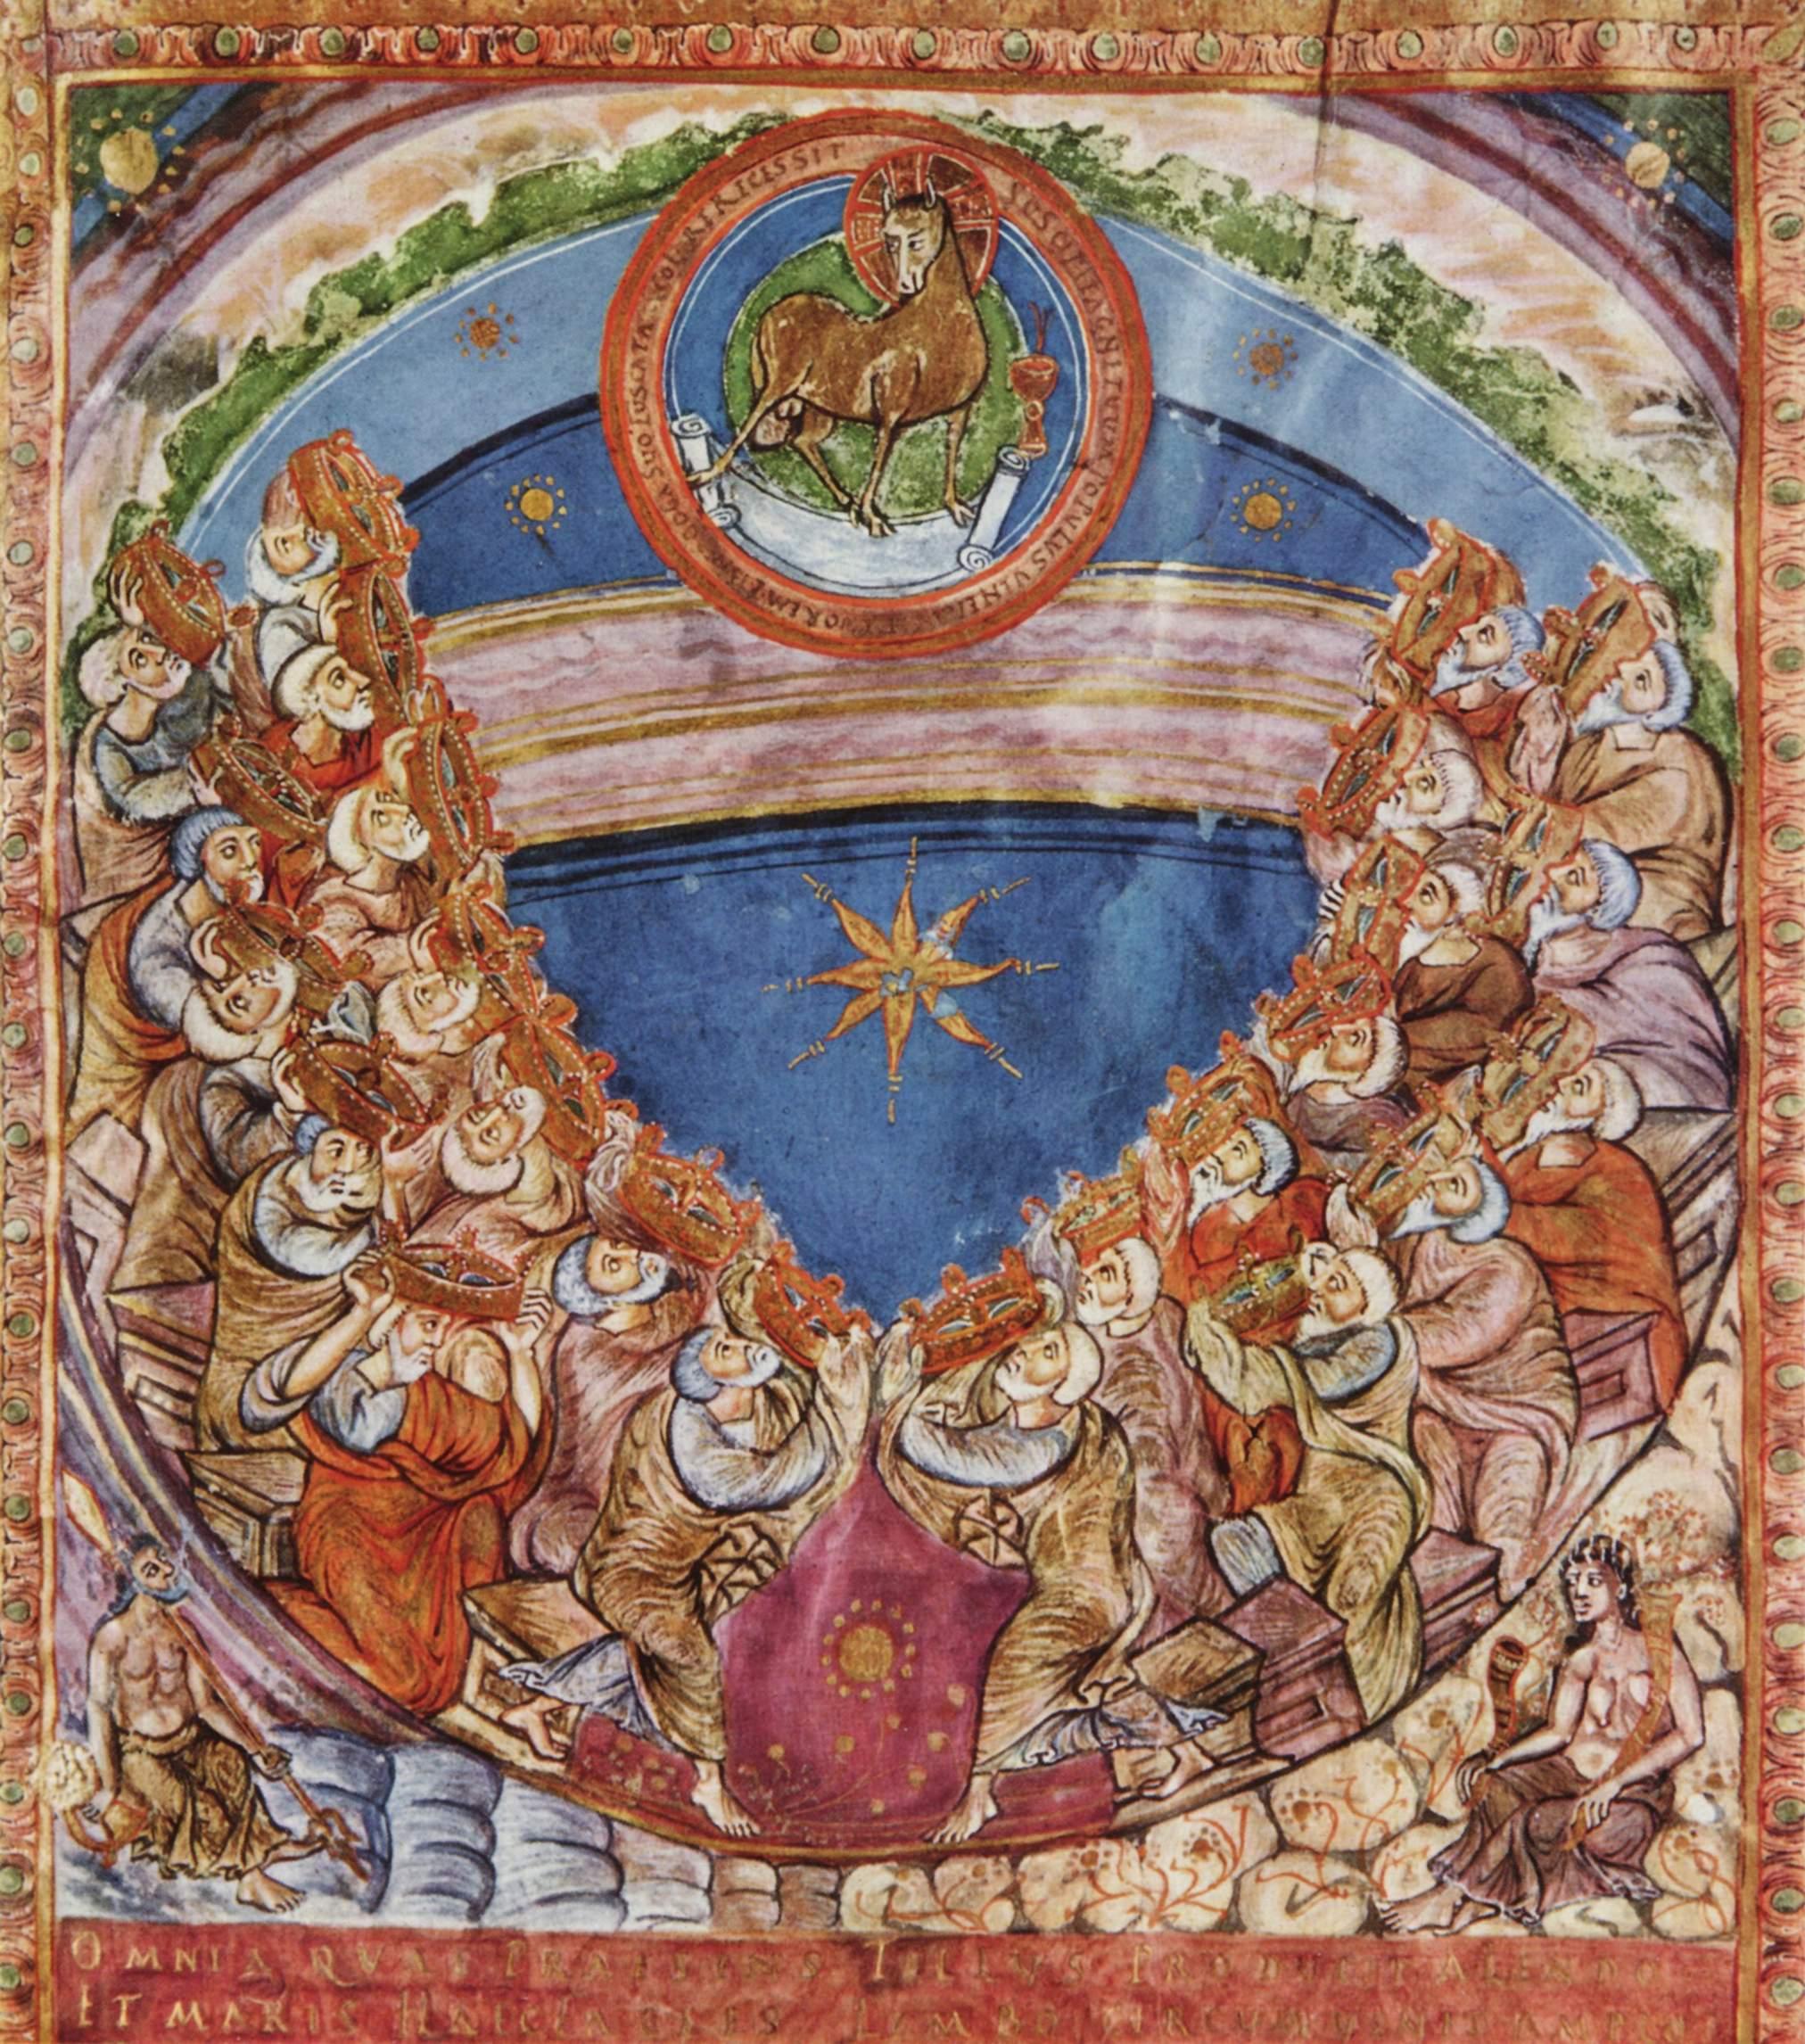 Codex Aureus of St. Emmeram, Adoration of the Lamb, 9t century